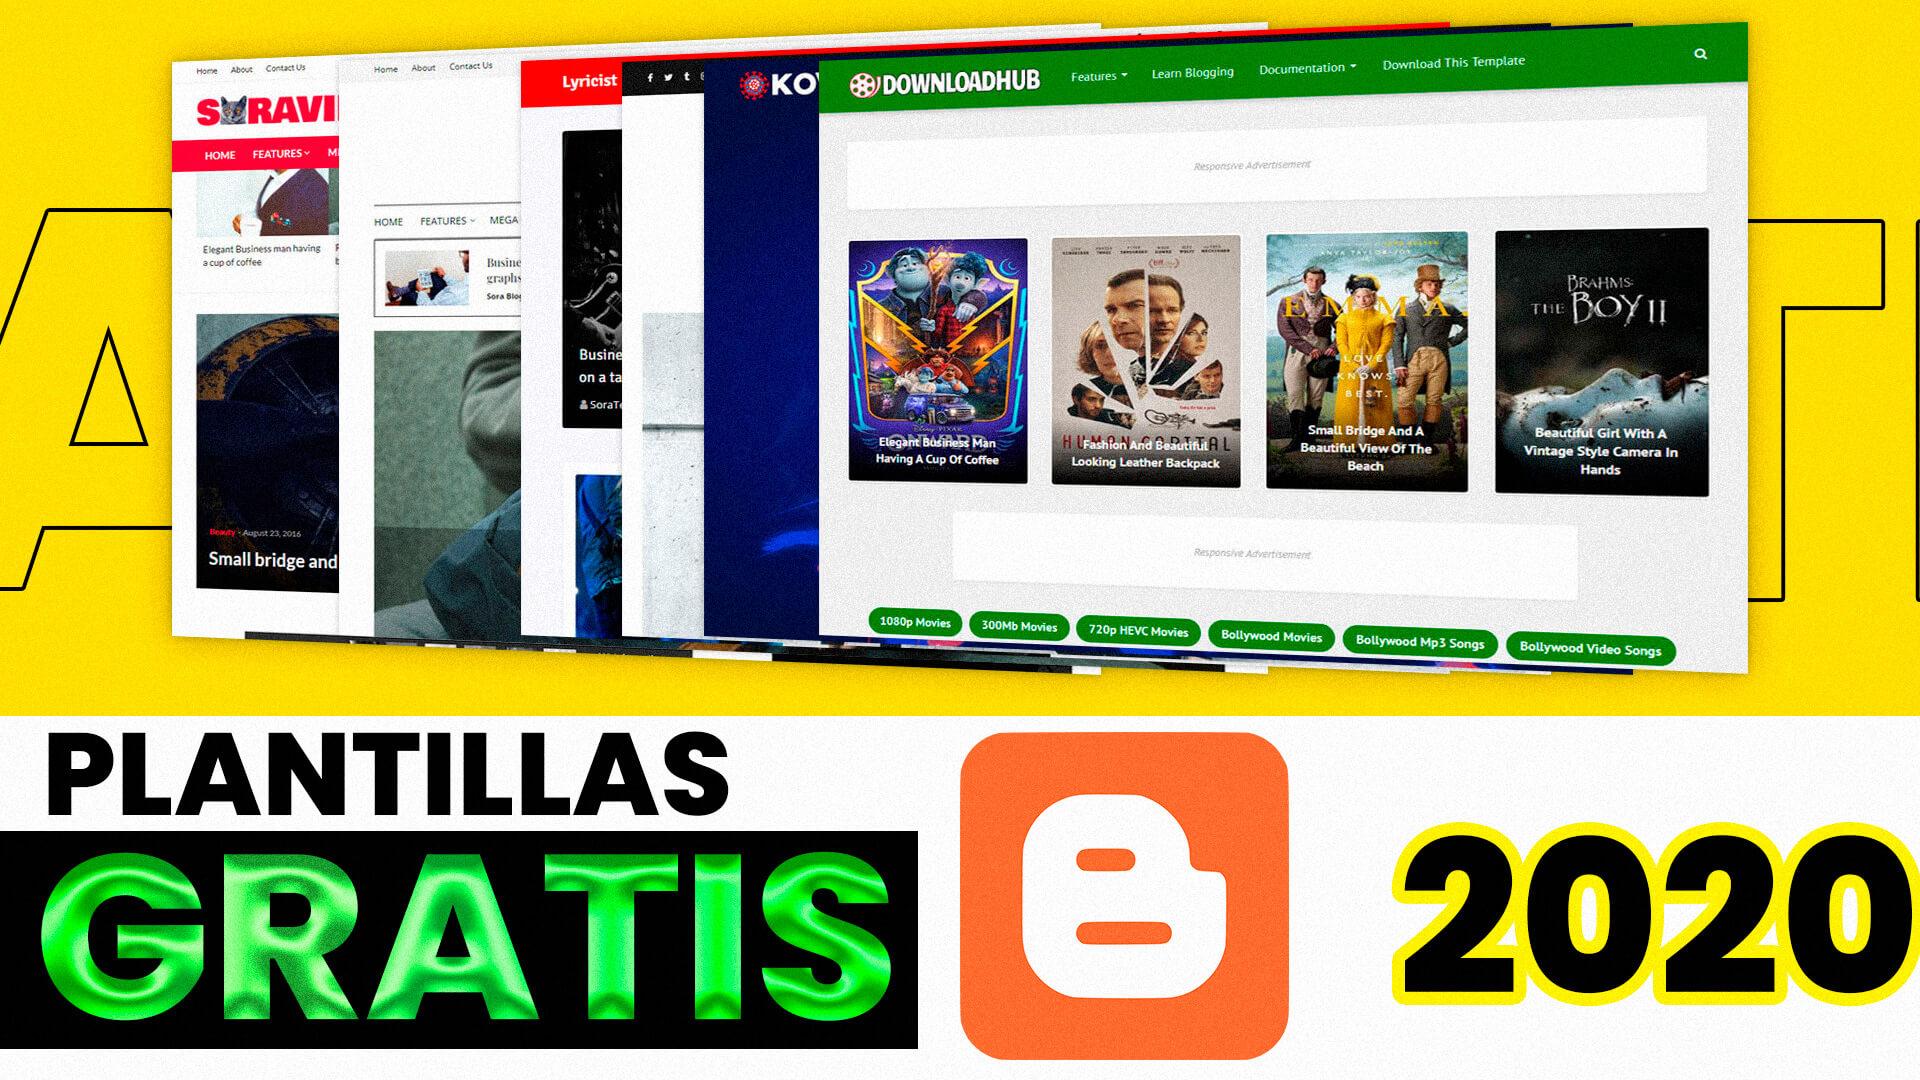 Plantillas GRATIS para Blogger | SEO | RESPONSIVE | EDITABLES 2020